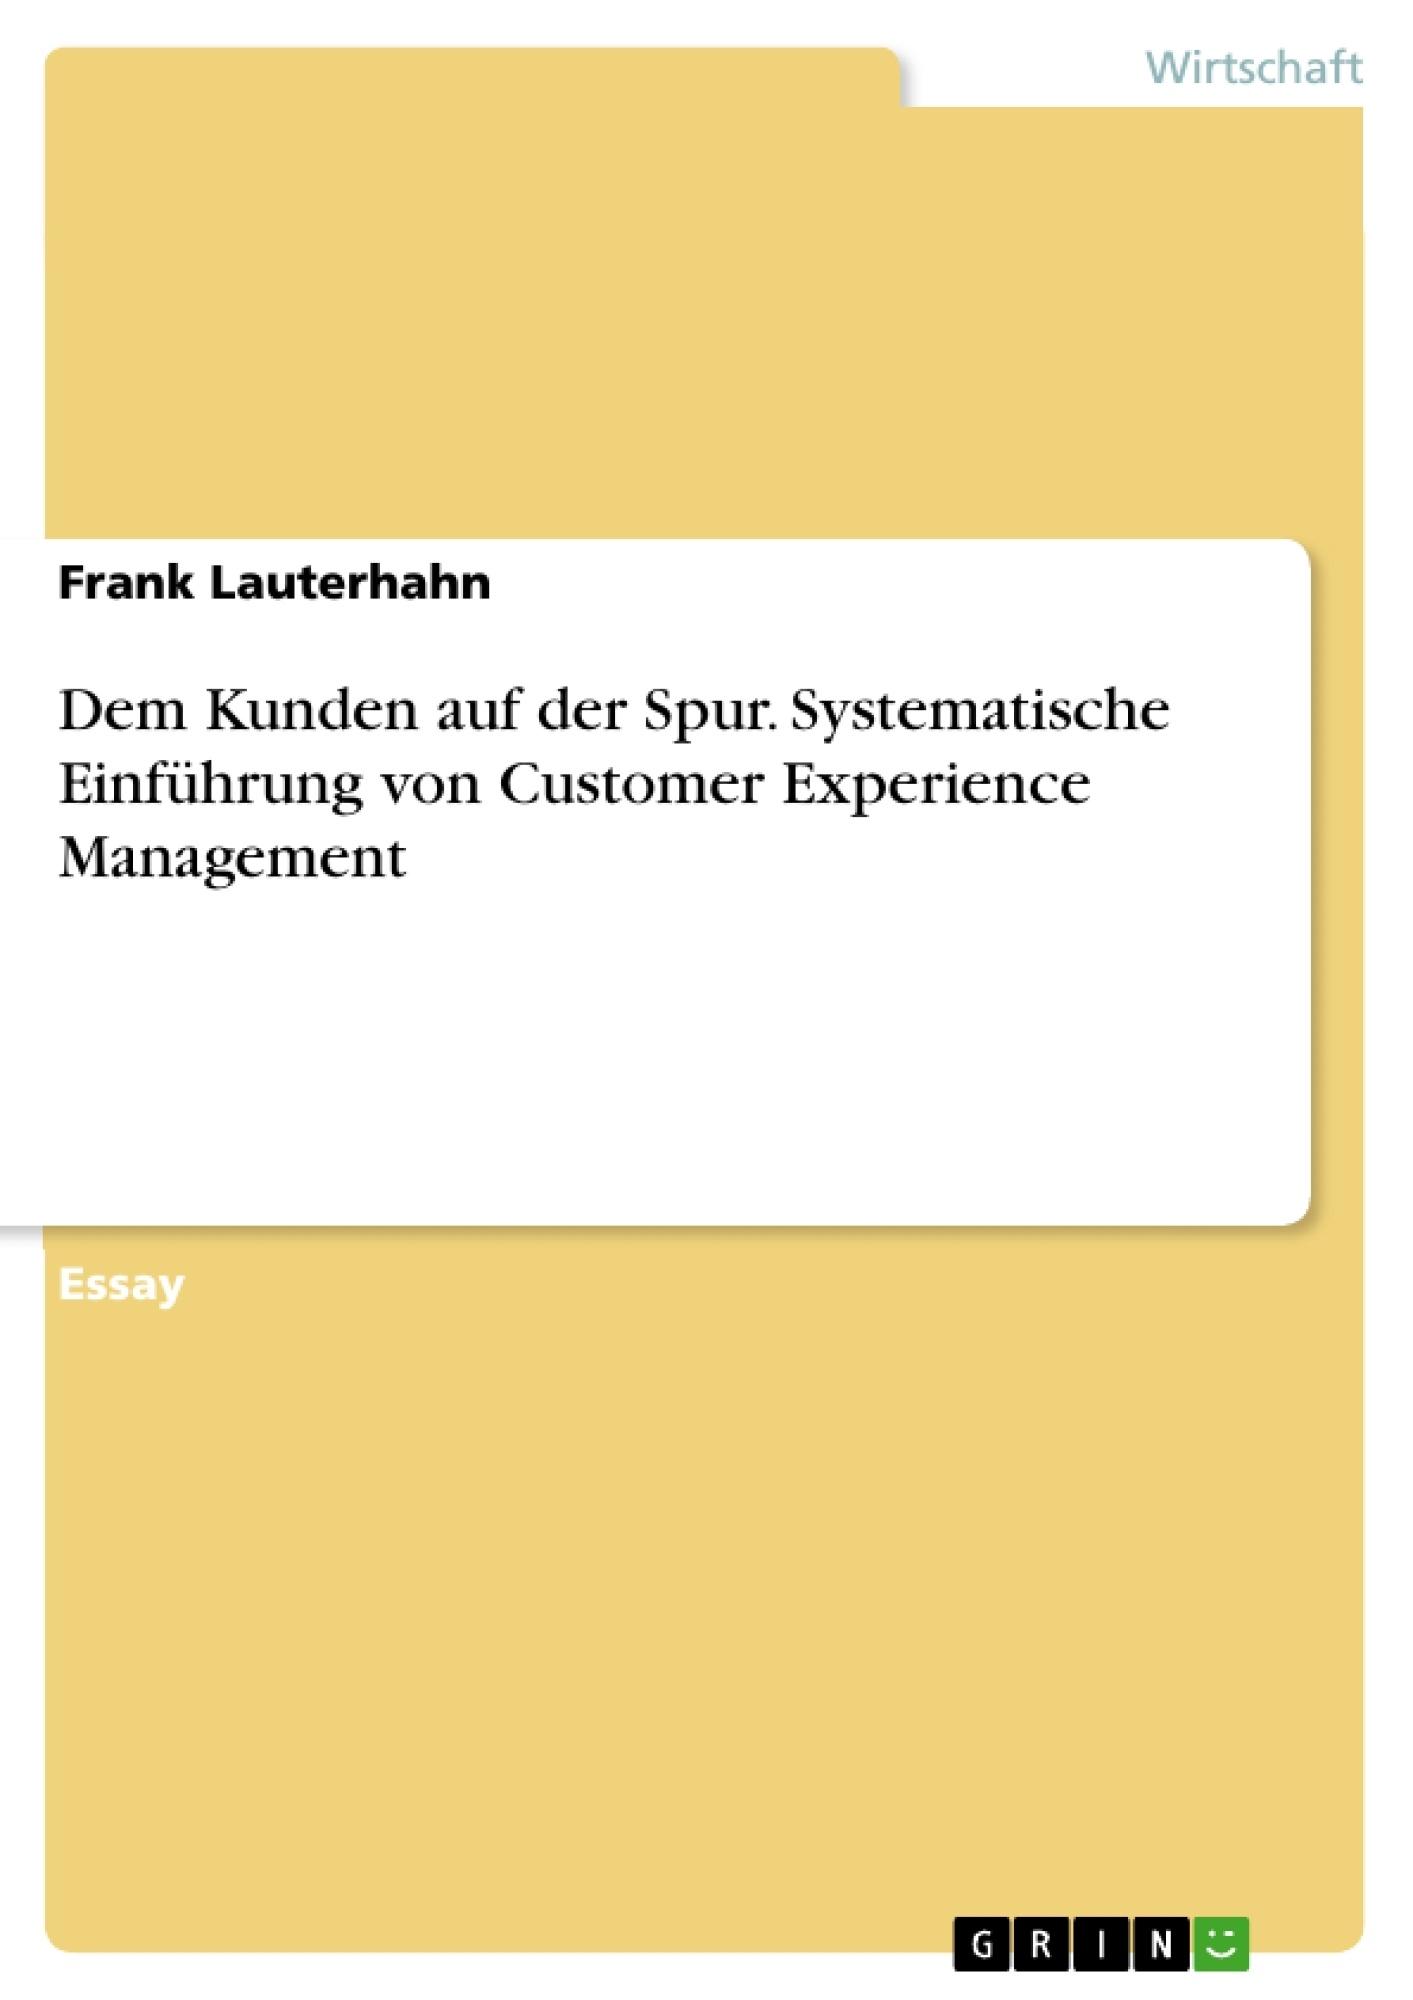 Titel: Dem Kunden auf der Spur. Systematische Einführung von Customer Experience Management